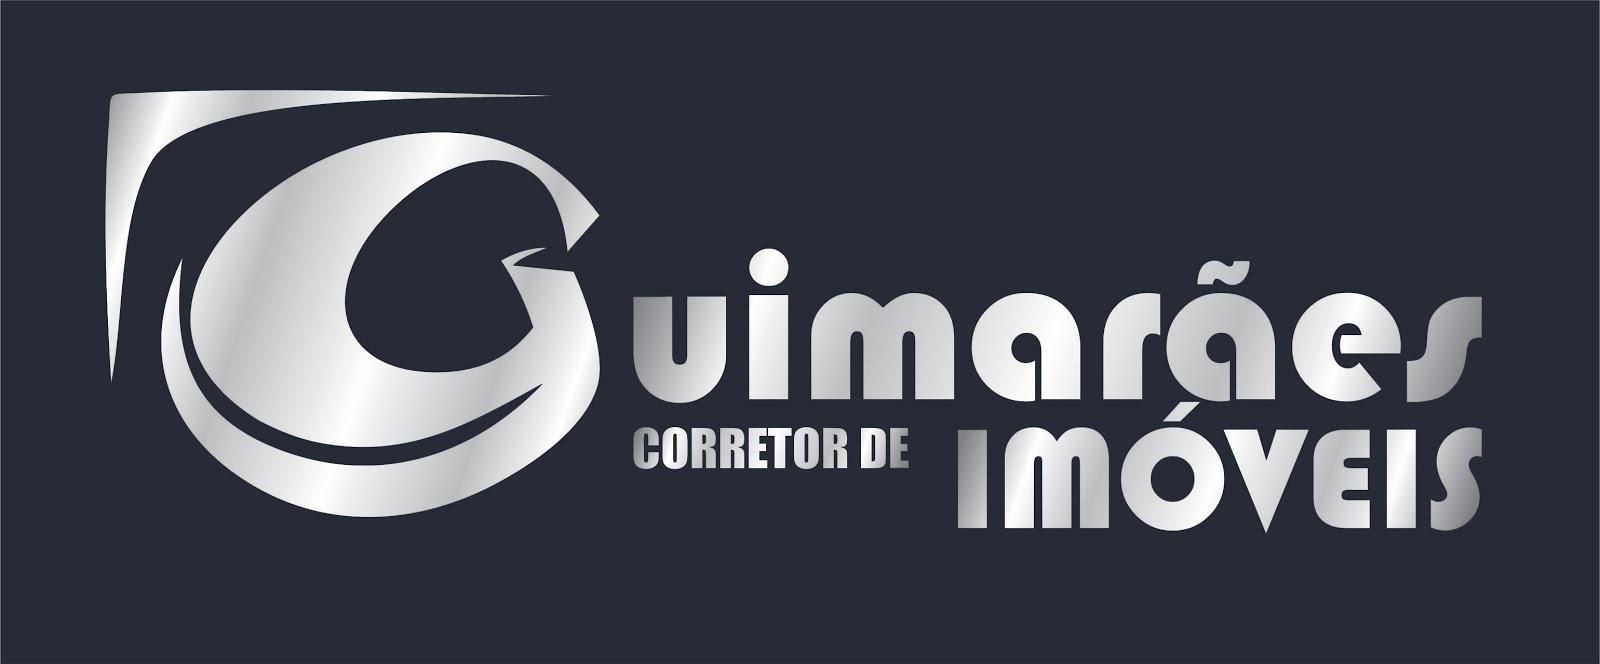 Guimaraes Imoveis